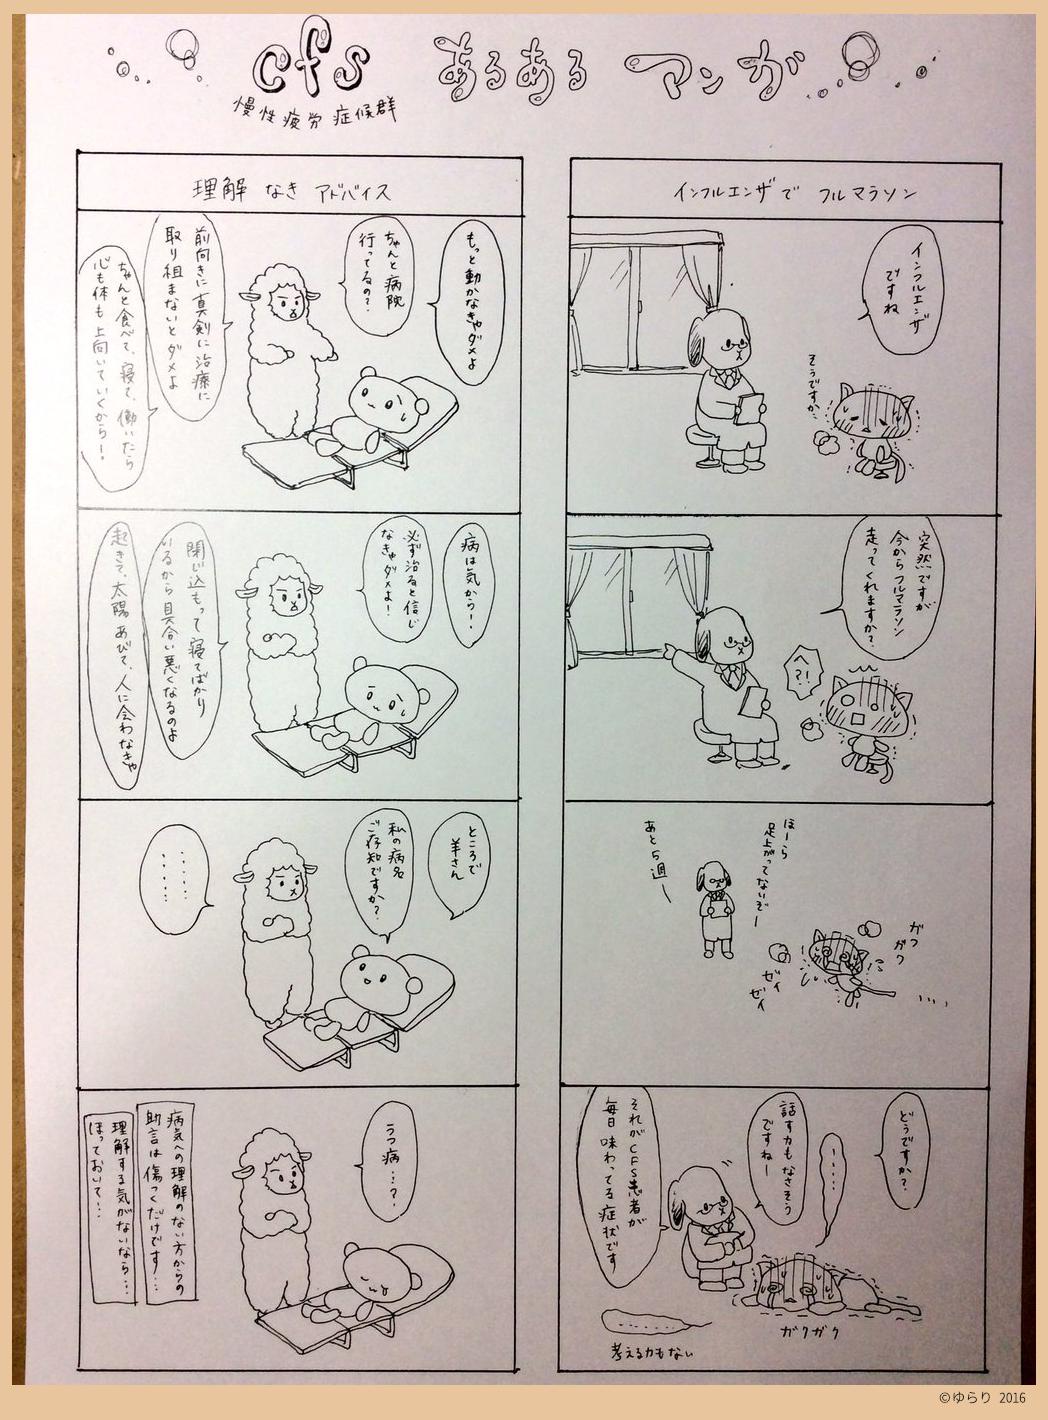 006_インフルエンザでフルマラソン/理解なきアドバイス